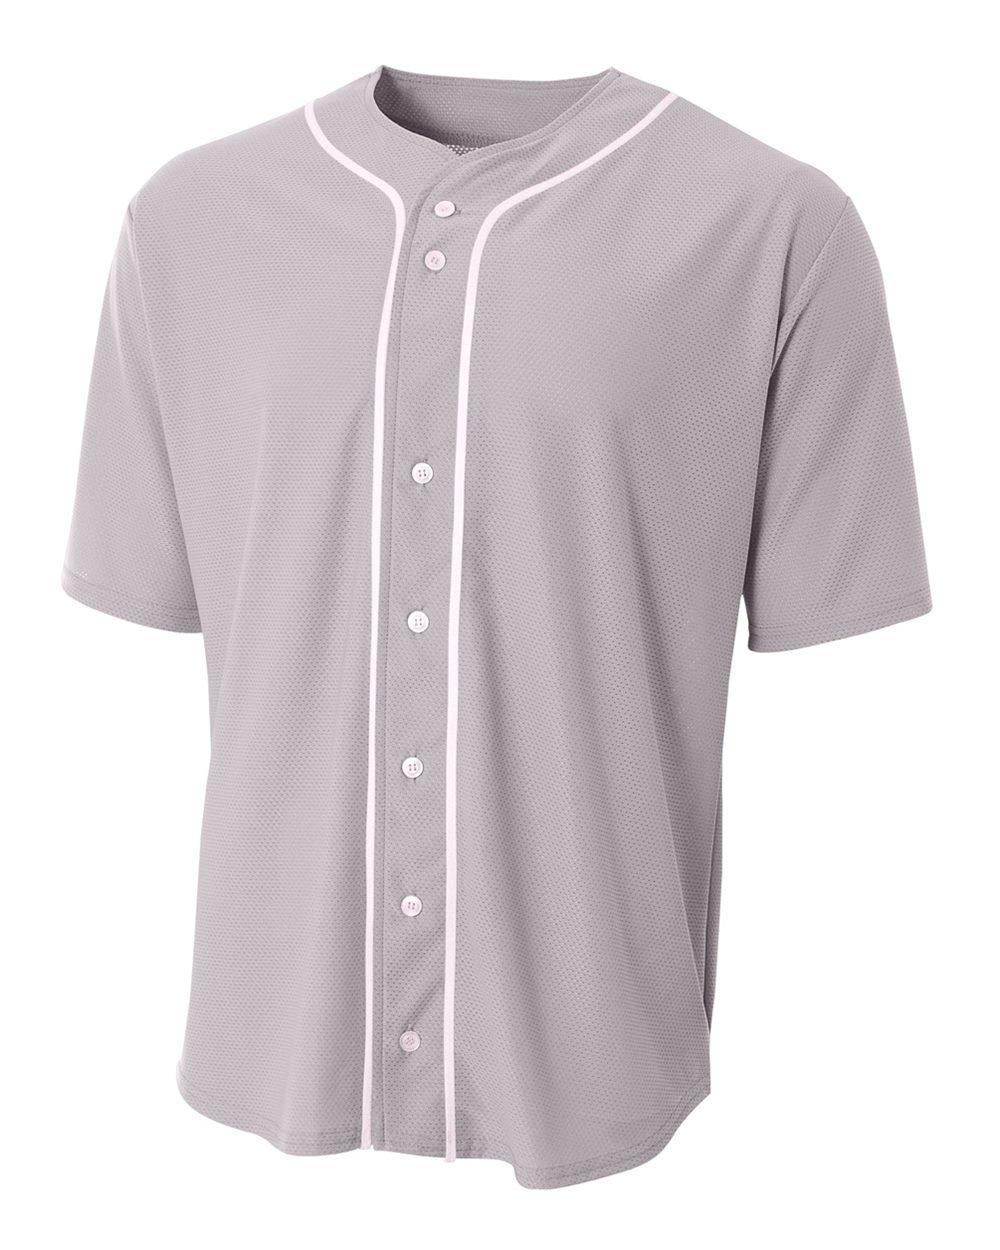 野球フルボタンカスタムまたは空白Wicking Jersey ( 8 Uniform色で子供大人用シャツサイズ10 ) B01M8LJAYH Youth Small|Grey (Blank) Grey (Blank) Youth Small